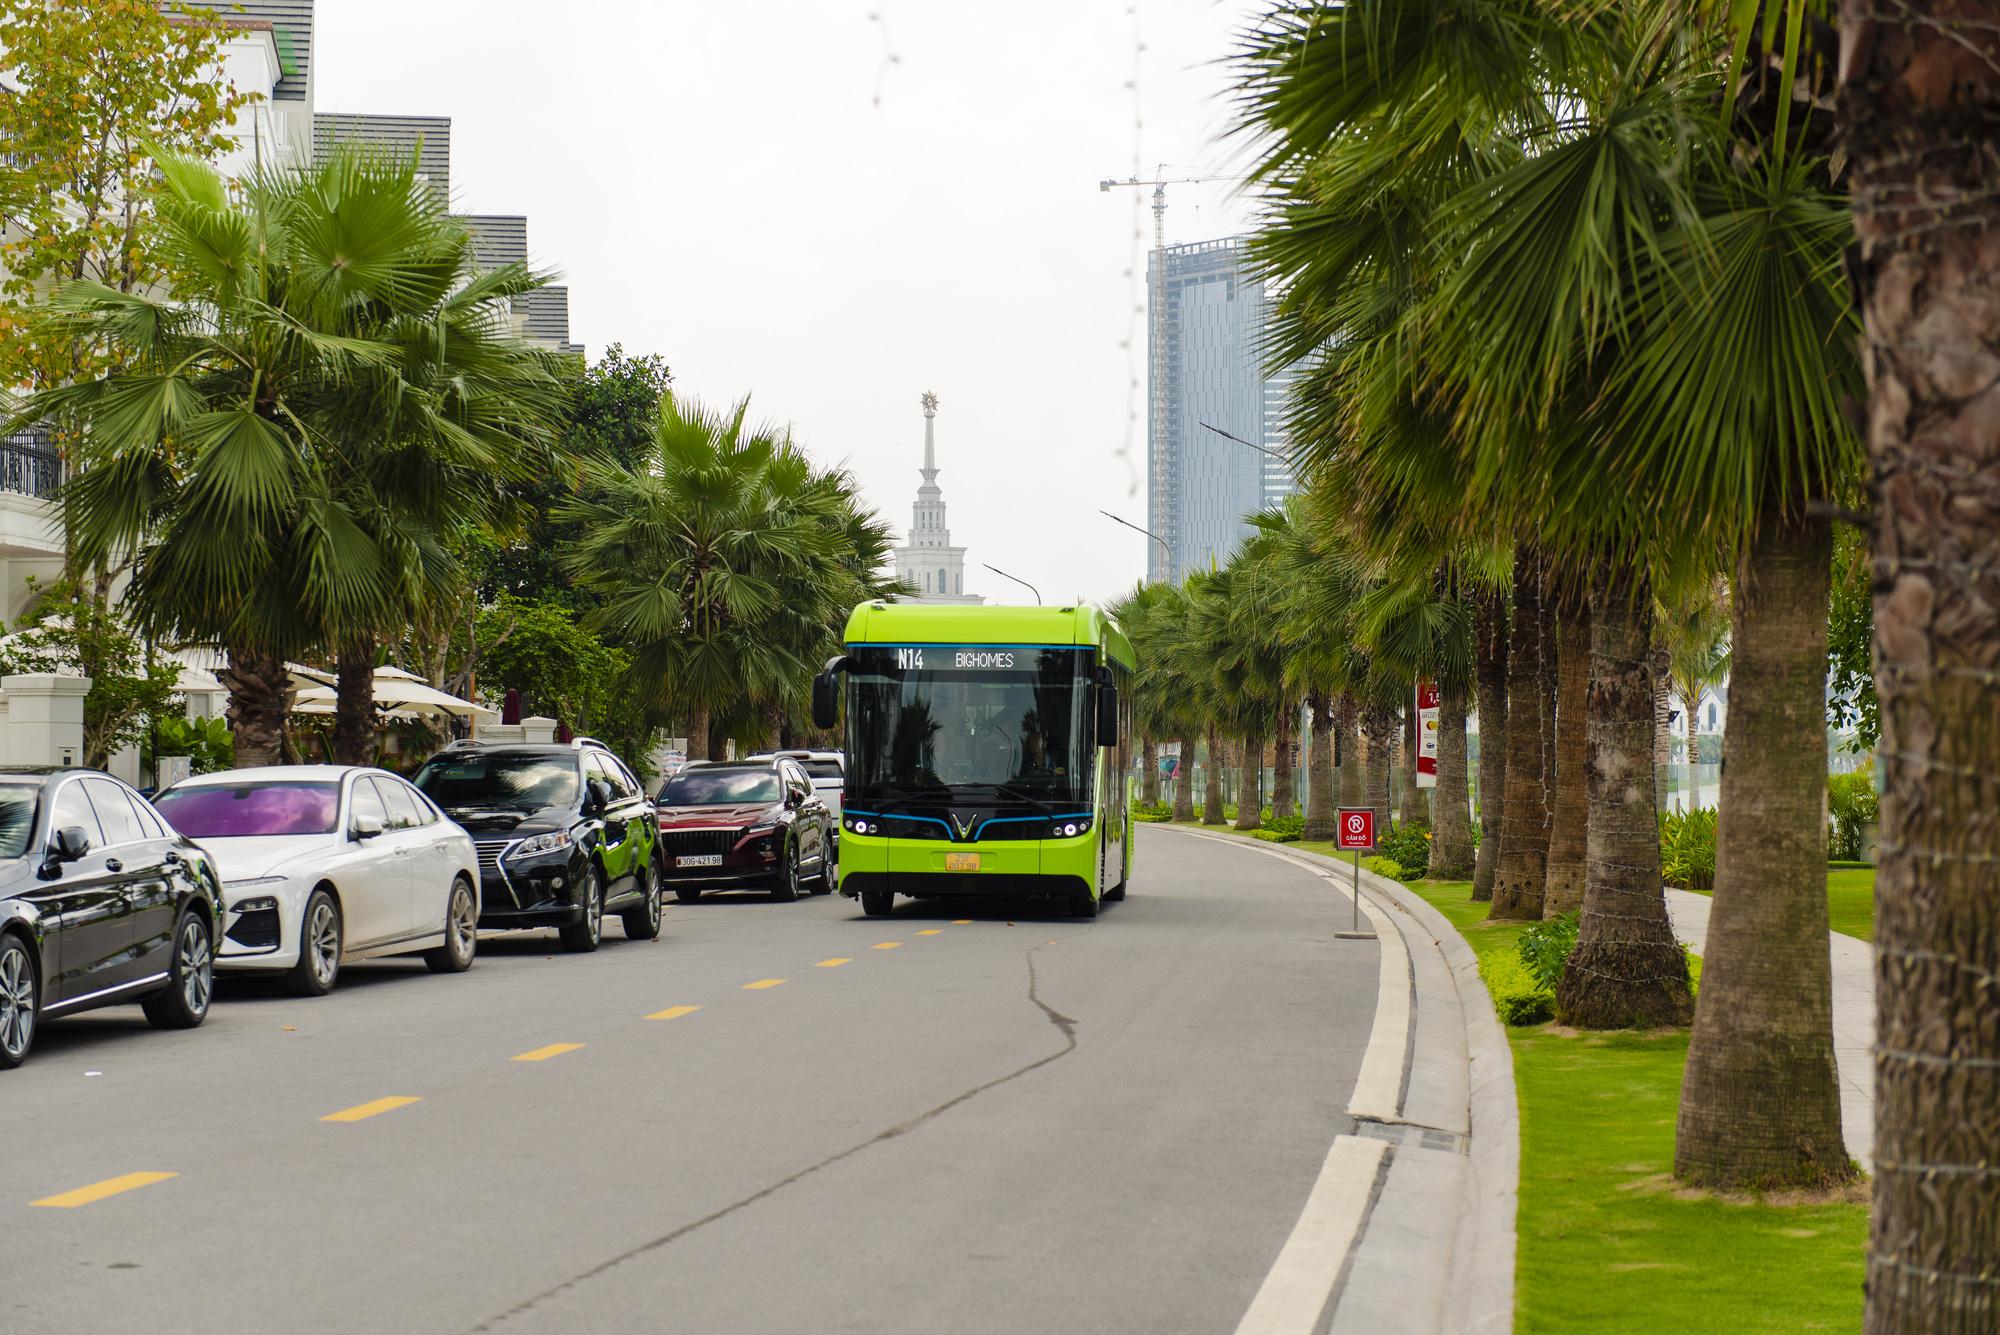 Cận cảnh xe buýt điện VinFast lăn bánh tại Hà Nội, có gì đặc biệt? - Ảnh 1.